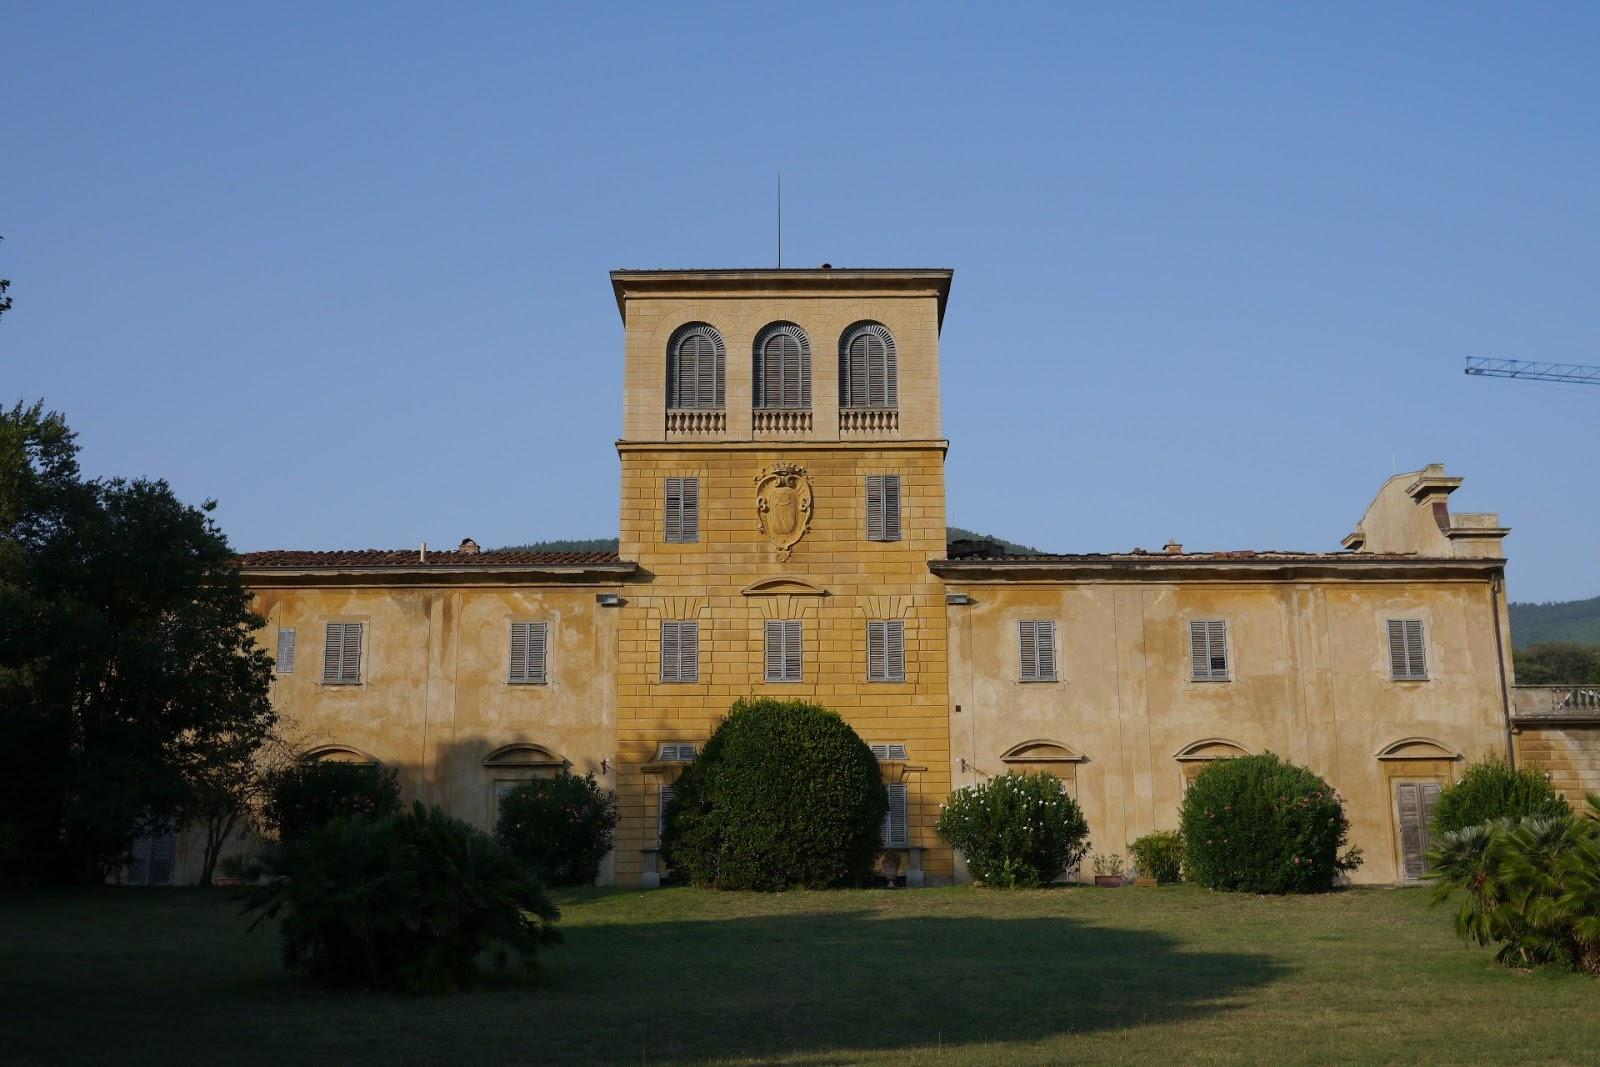 Girovagando un paradiso sulle colline di sesto fiorentino for Villa villoresi